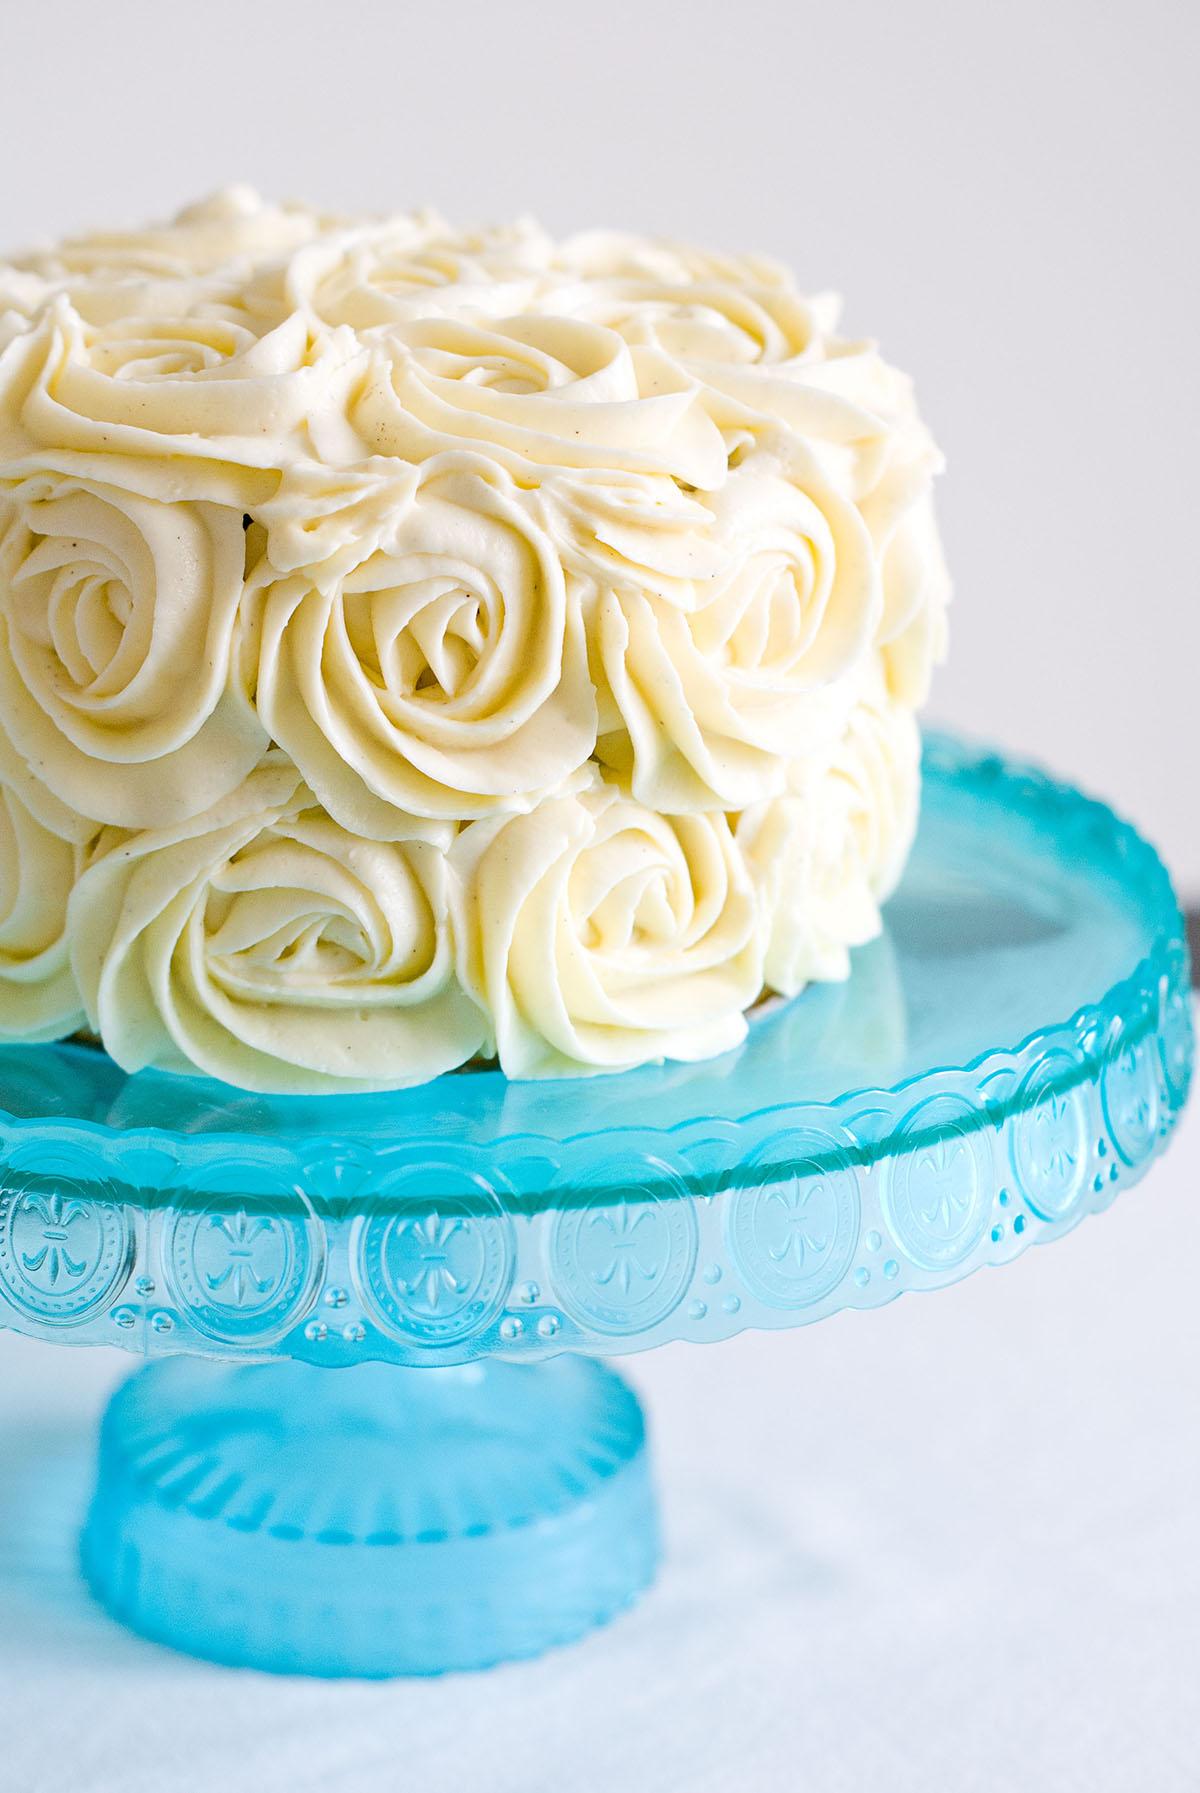 Layer cake vanille chocolat décor de roses poche à douille - Lilie Bakery